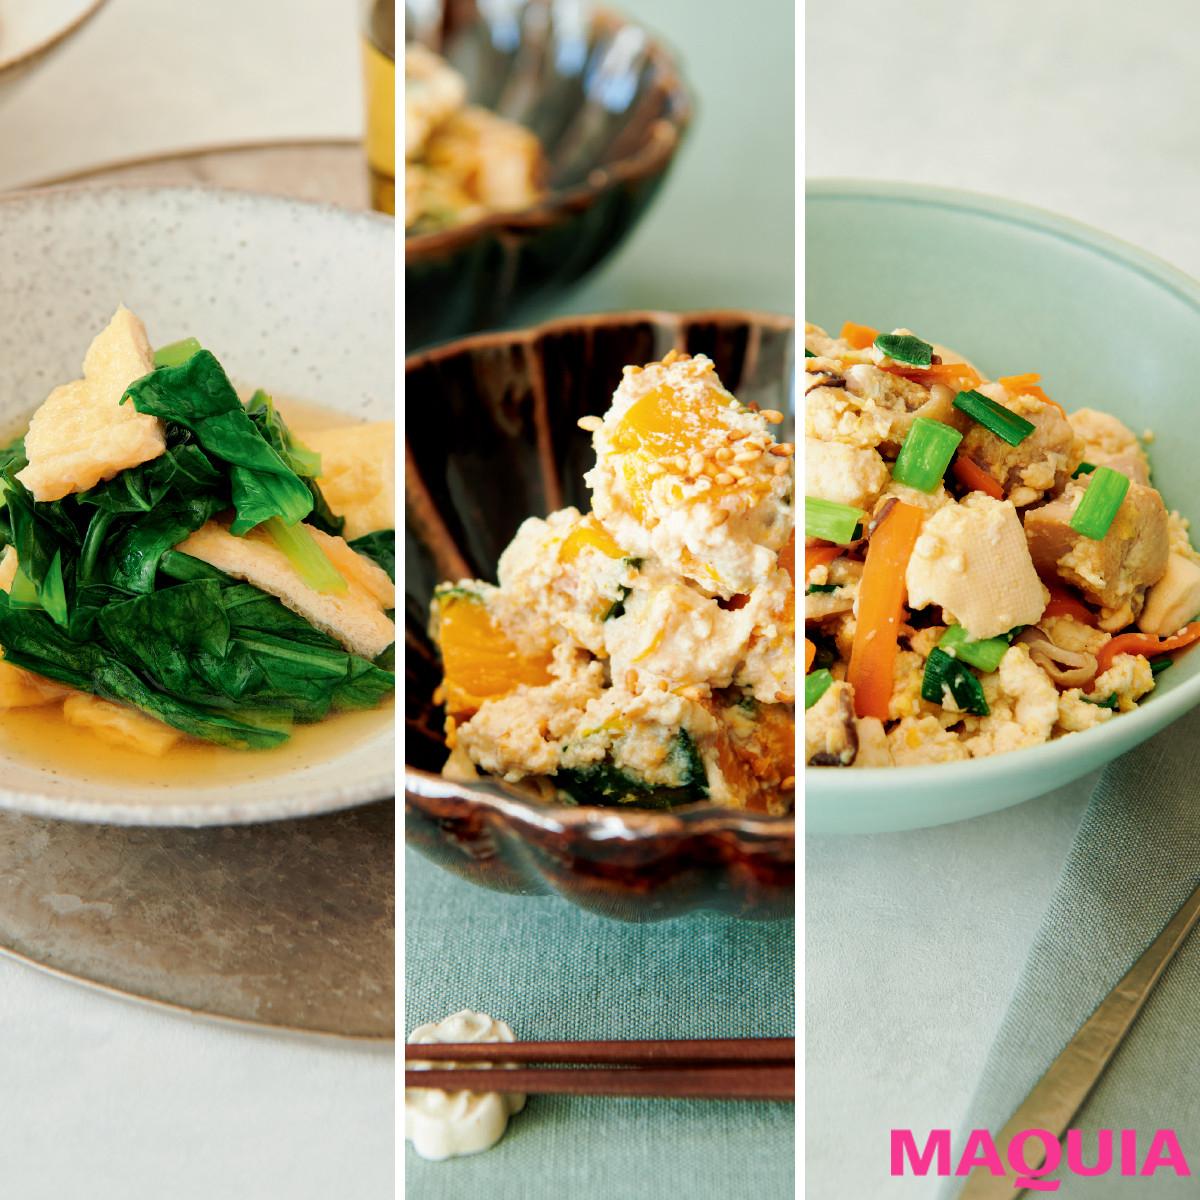 美肌をつくる栄養がぎっしり! タンパク質たっぷり「大豆」レシピ3選